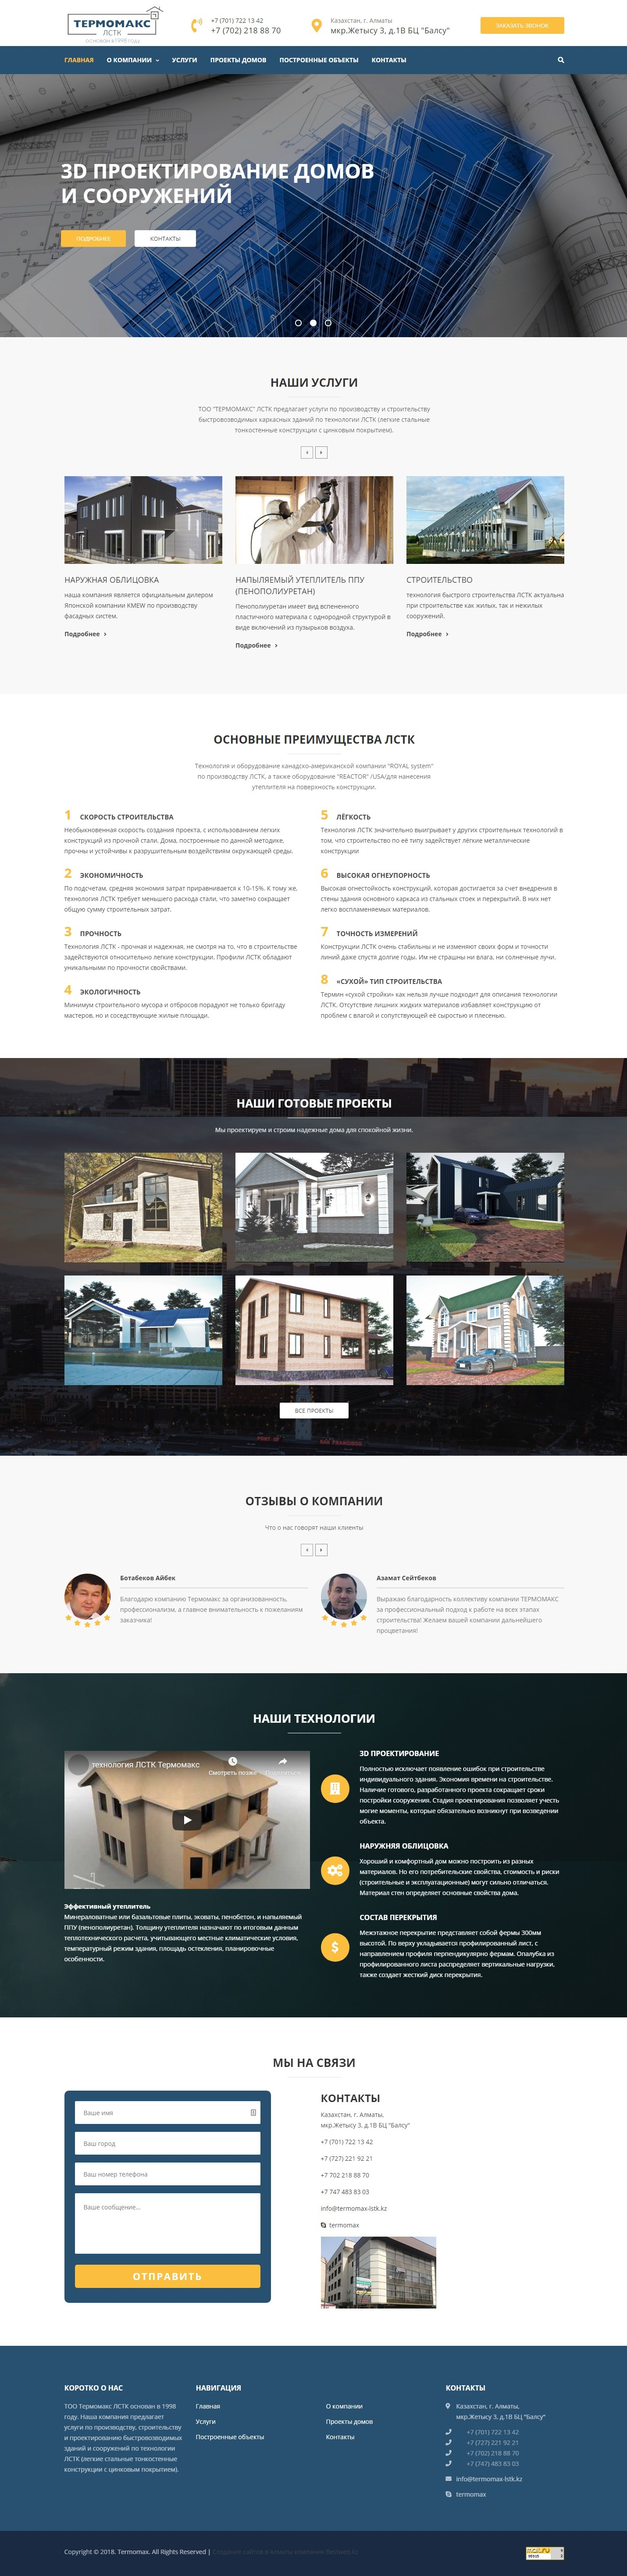 Корпоративный сайт компании Termomax